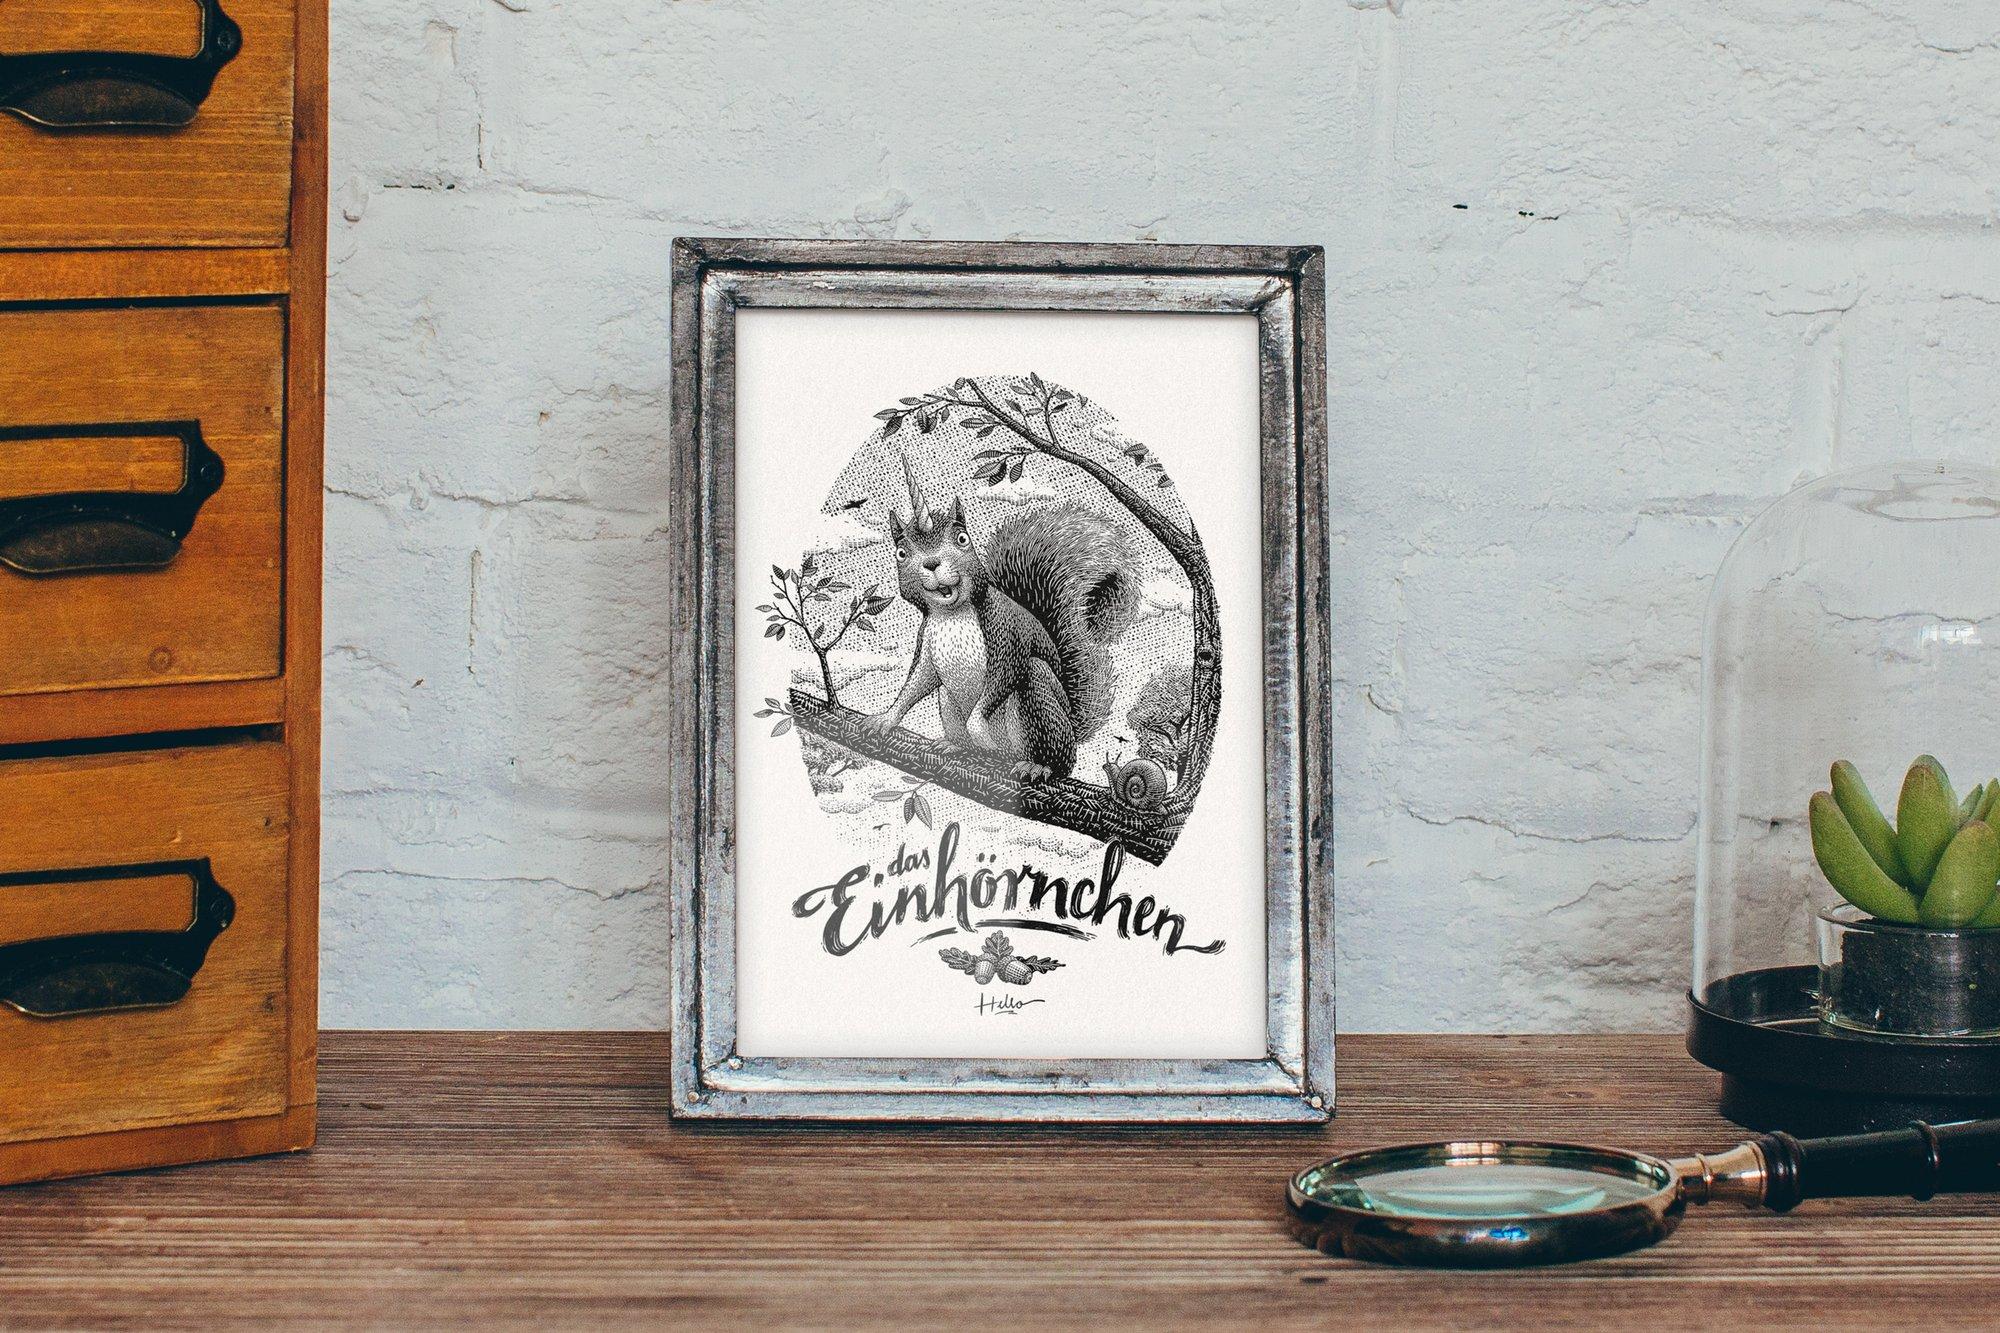 Image of Das Einhörnchen